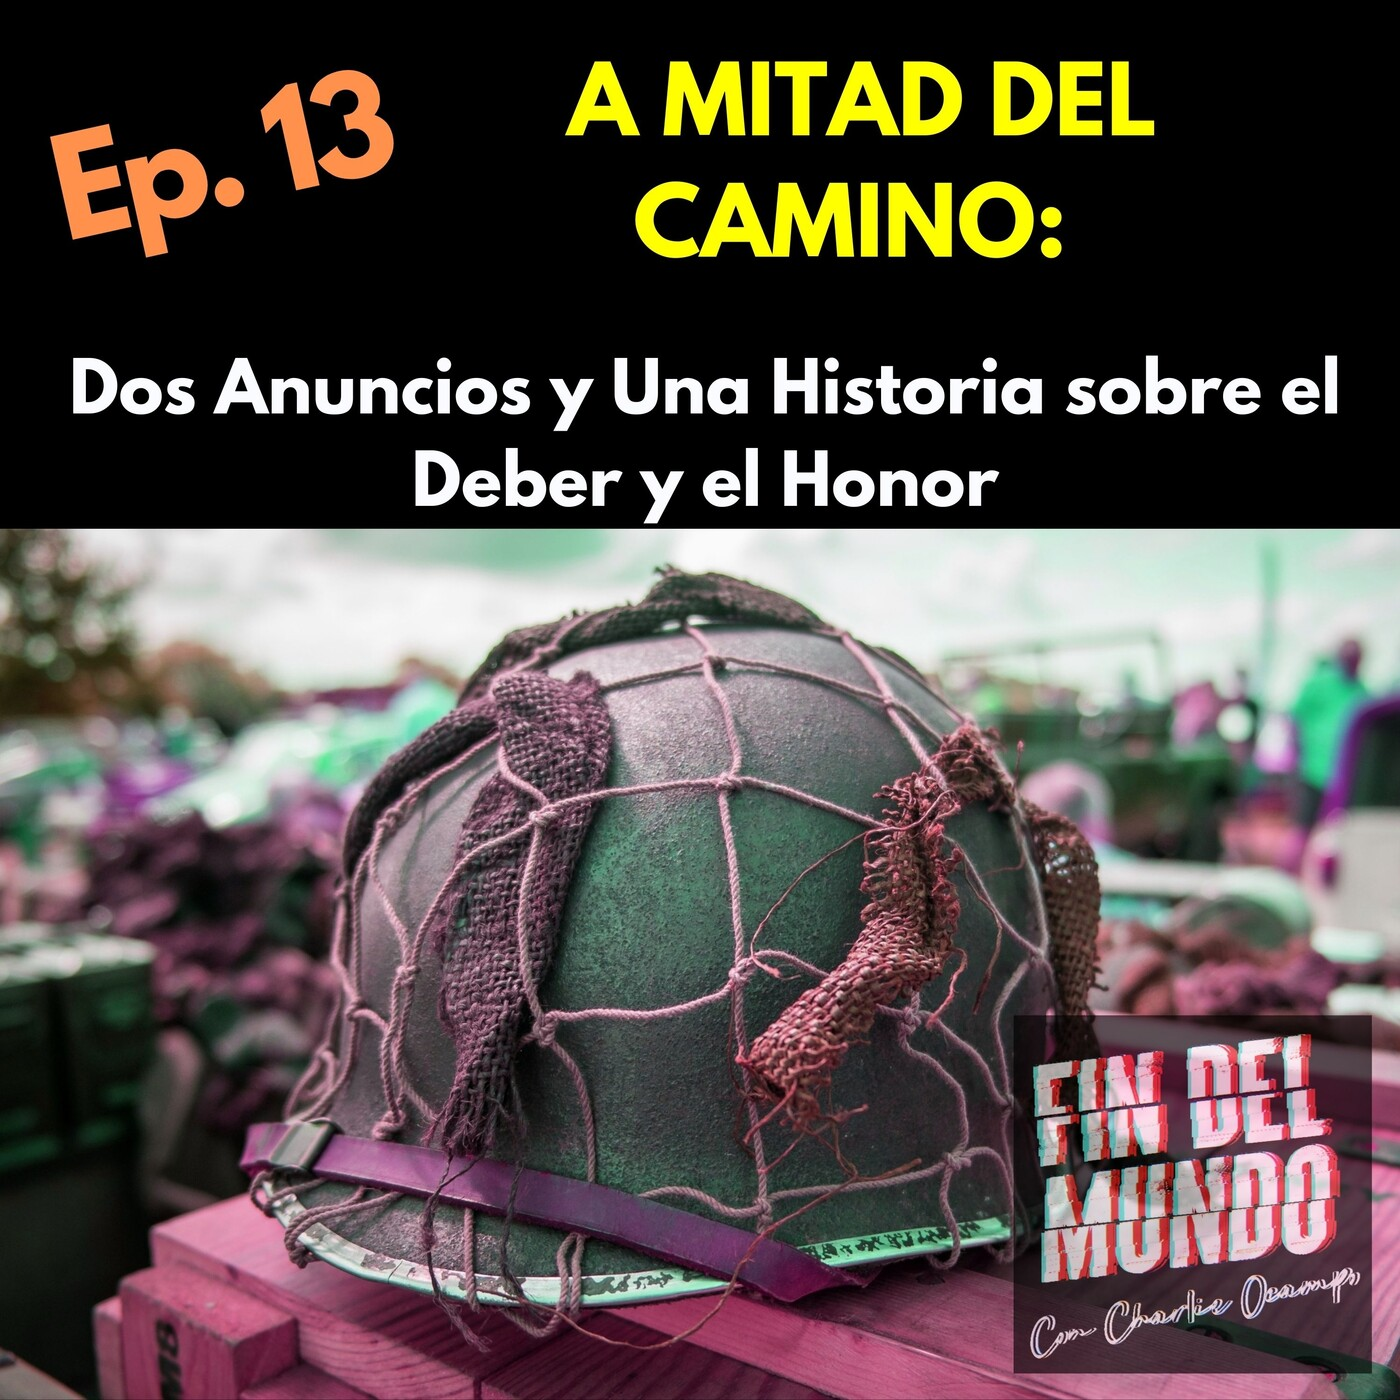 13. A MITAD DE CAMINO: Dos Anuncios y Una Historia Sobre el Deber y el Honor.